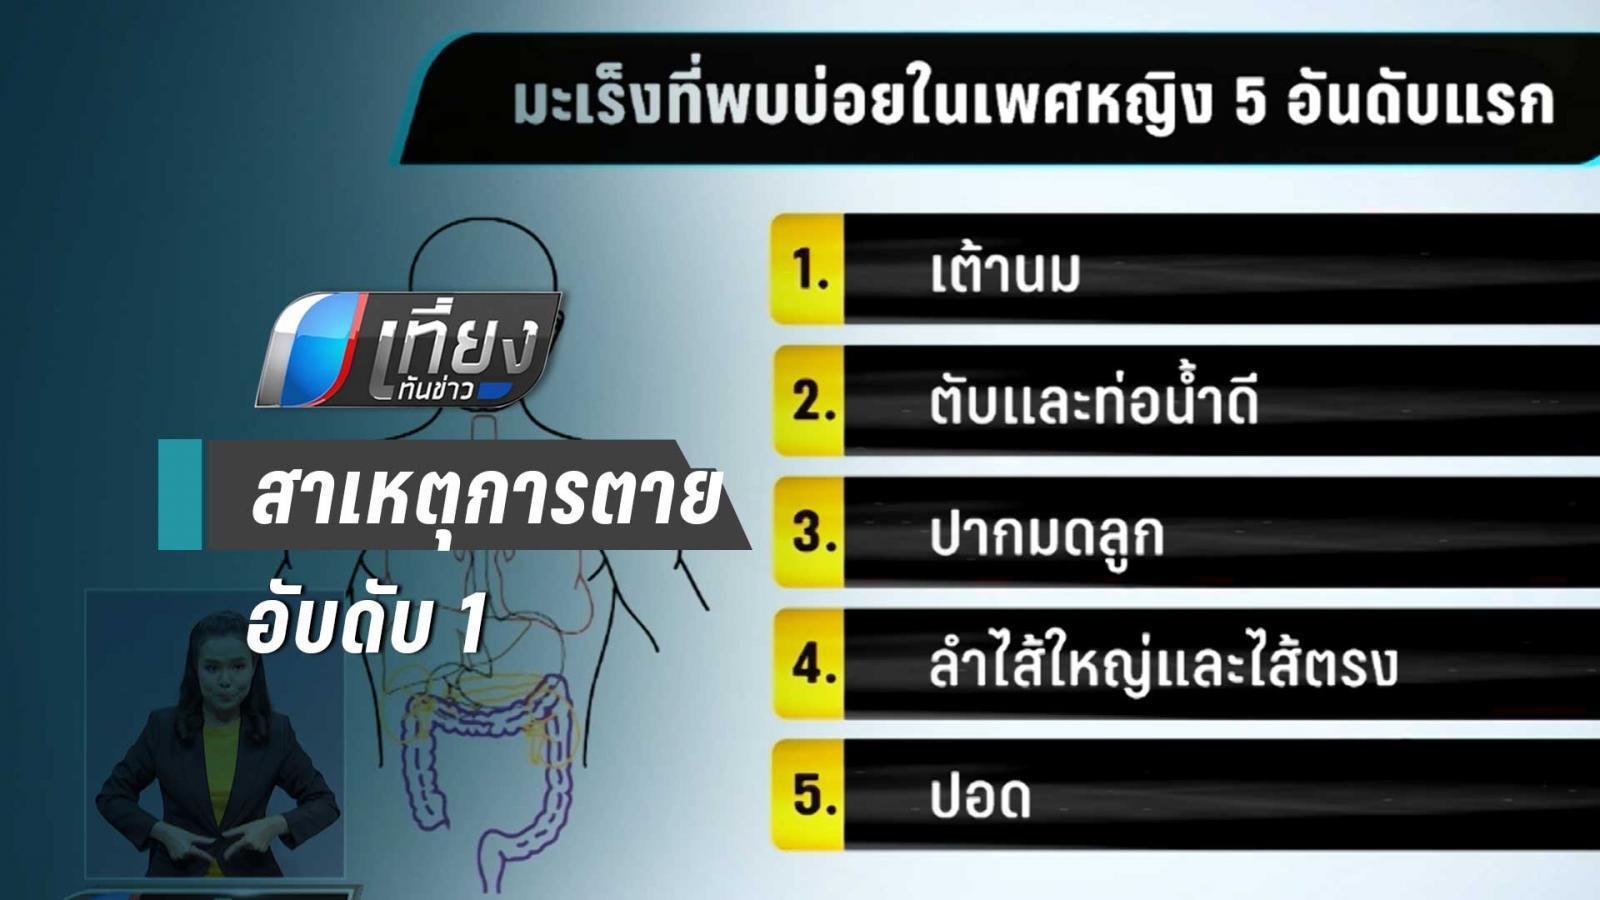 มะเร็ง สาเหตุการตายอันดับ 1 ของคนไทยมากว่า 20 ปี